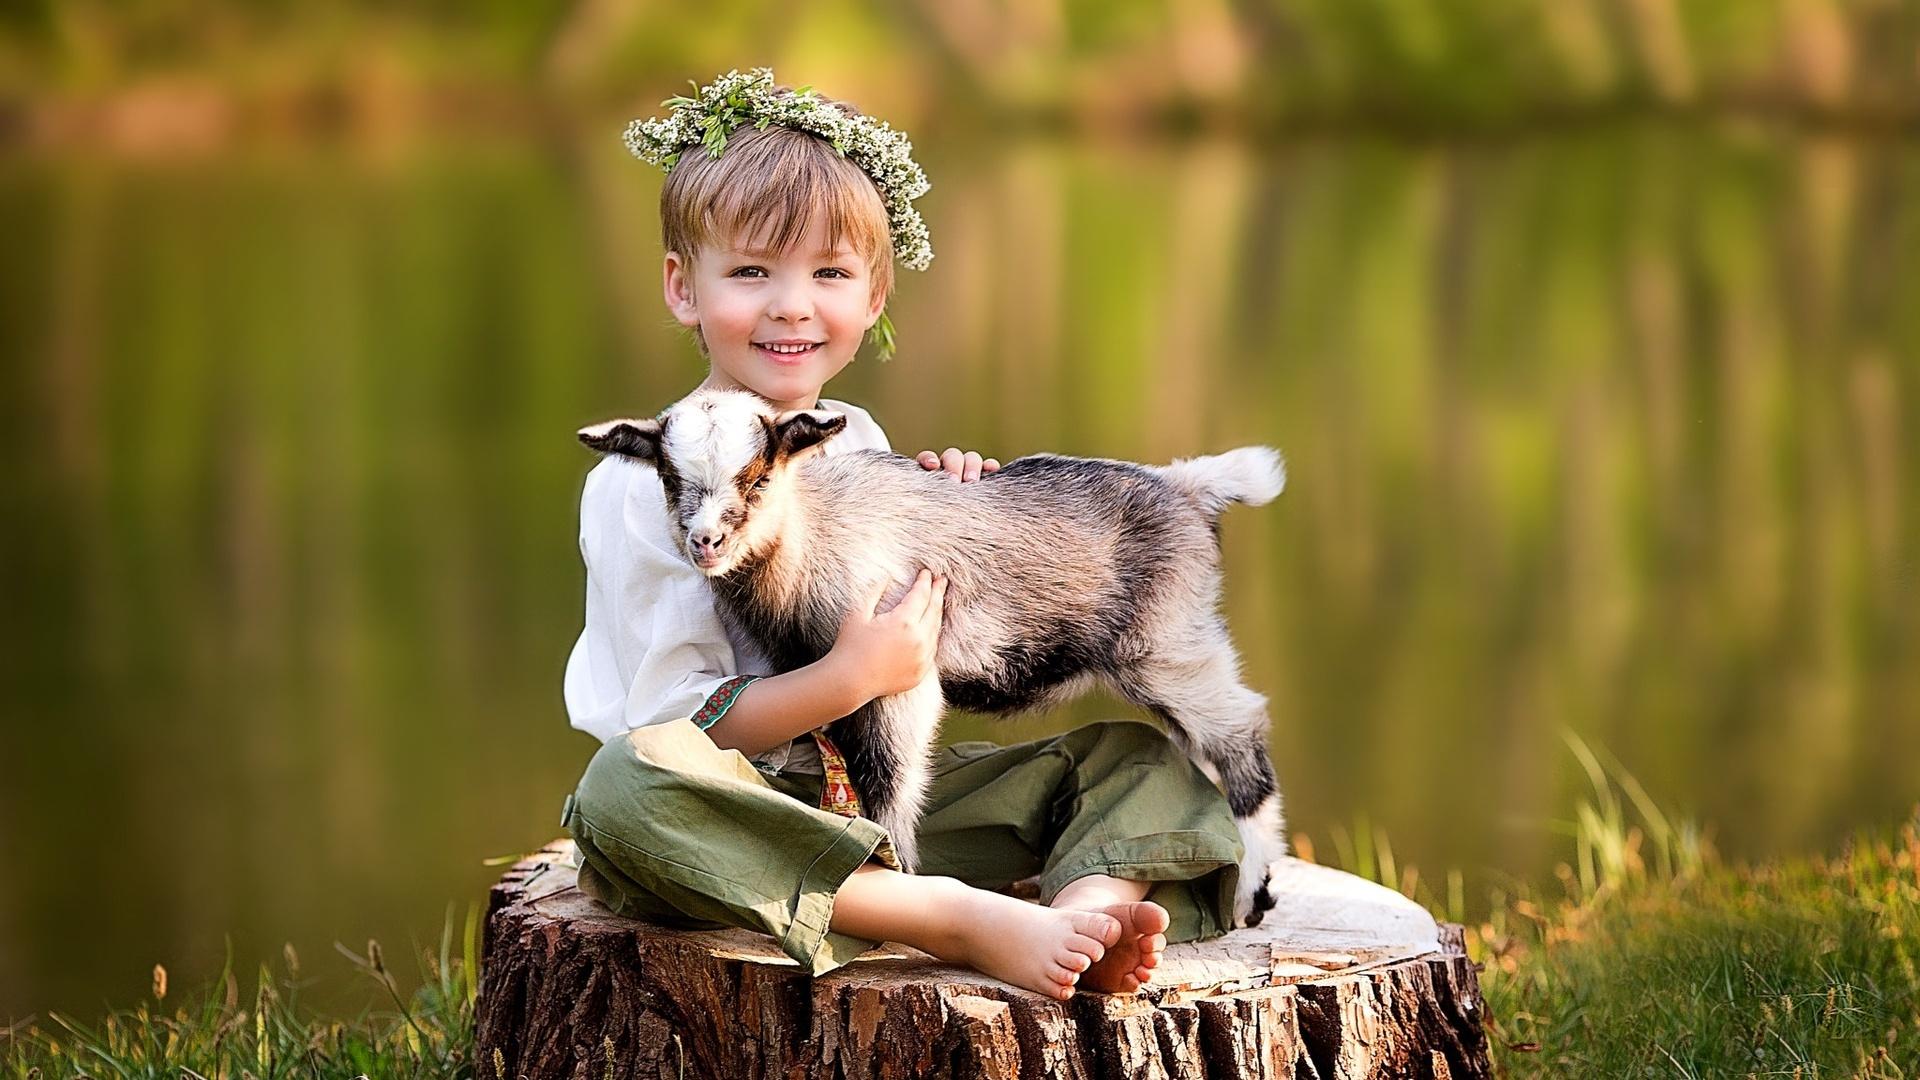 Юбилеем лет, картинки детские с животными на природе